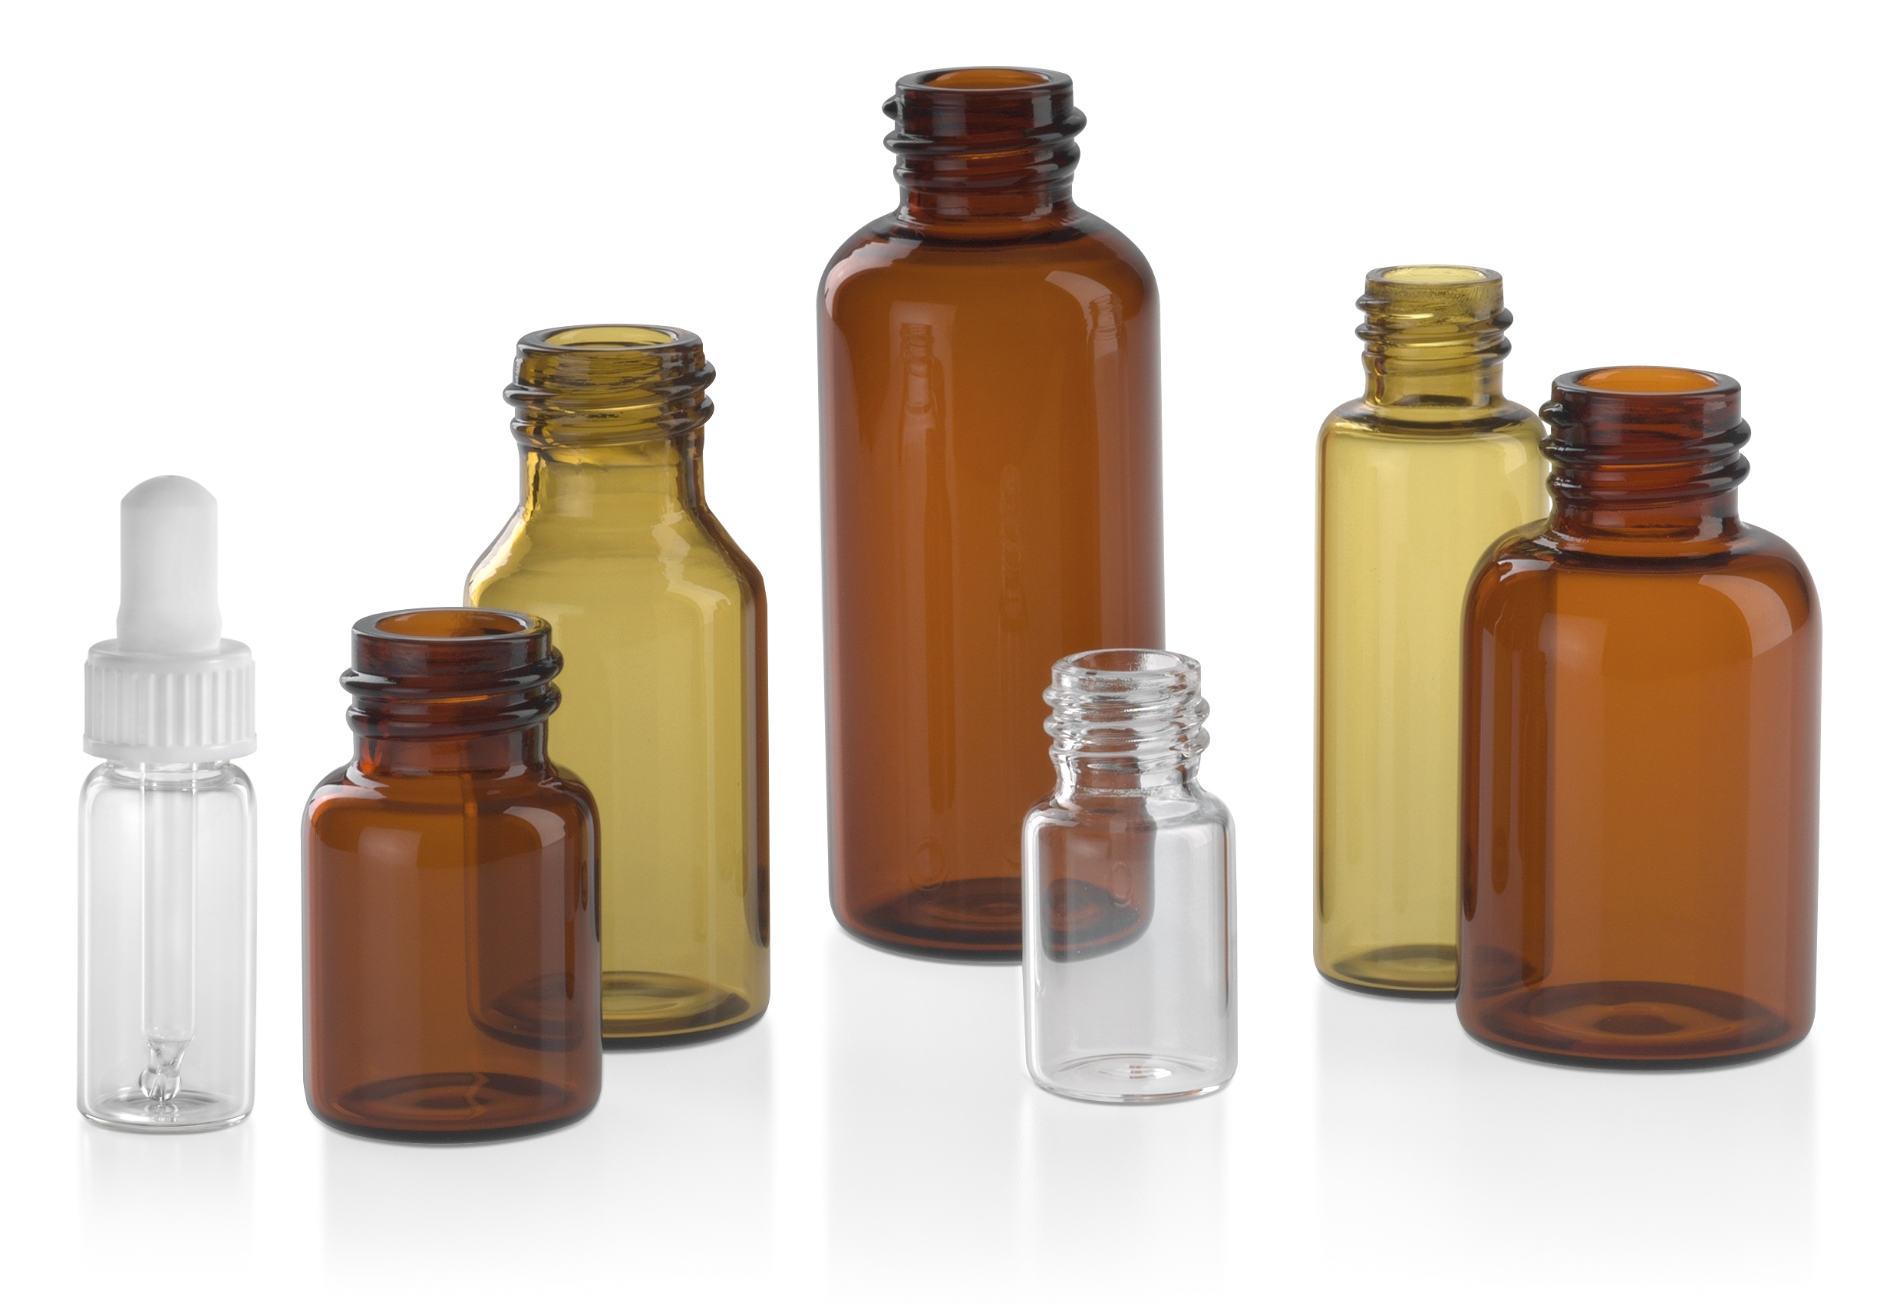 Glasflaschen Pharma: Röhrenglas braun und klar